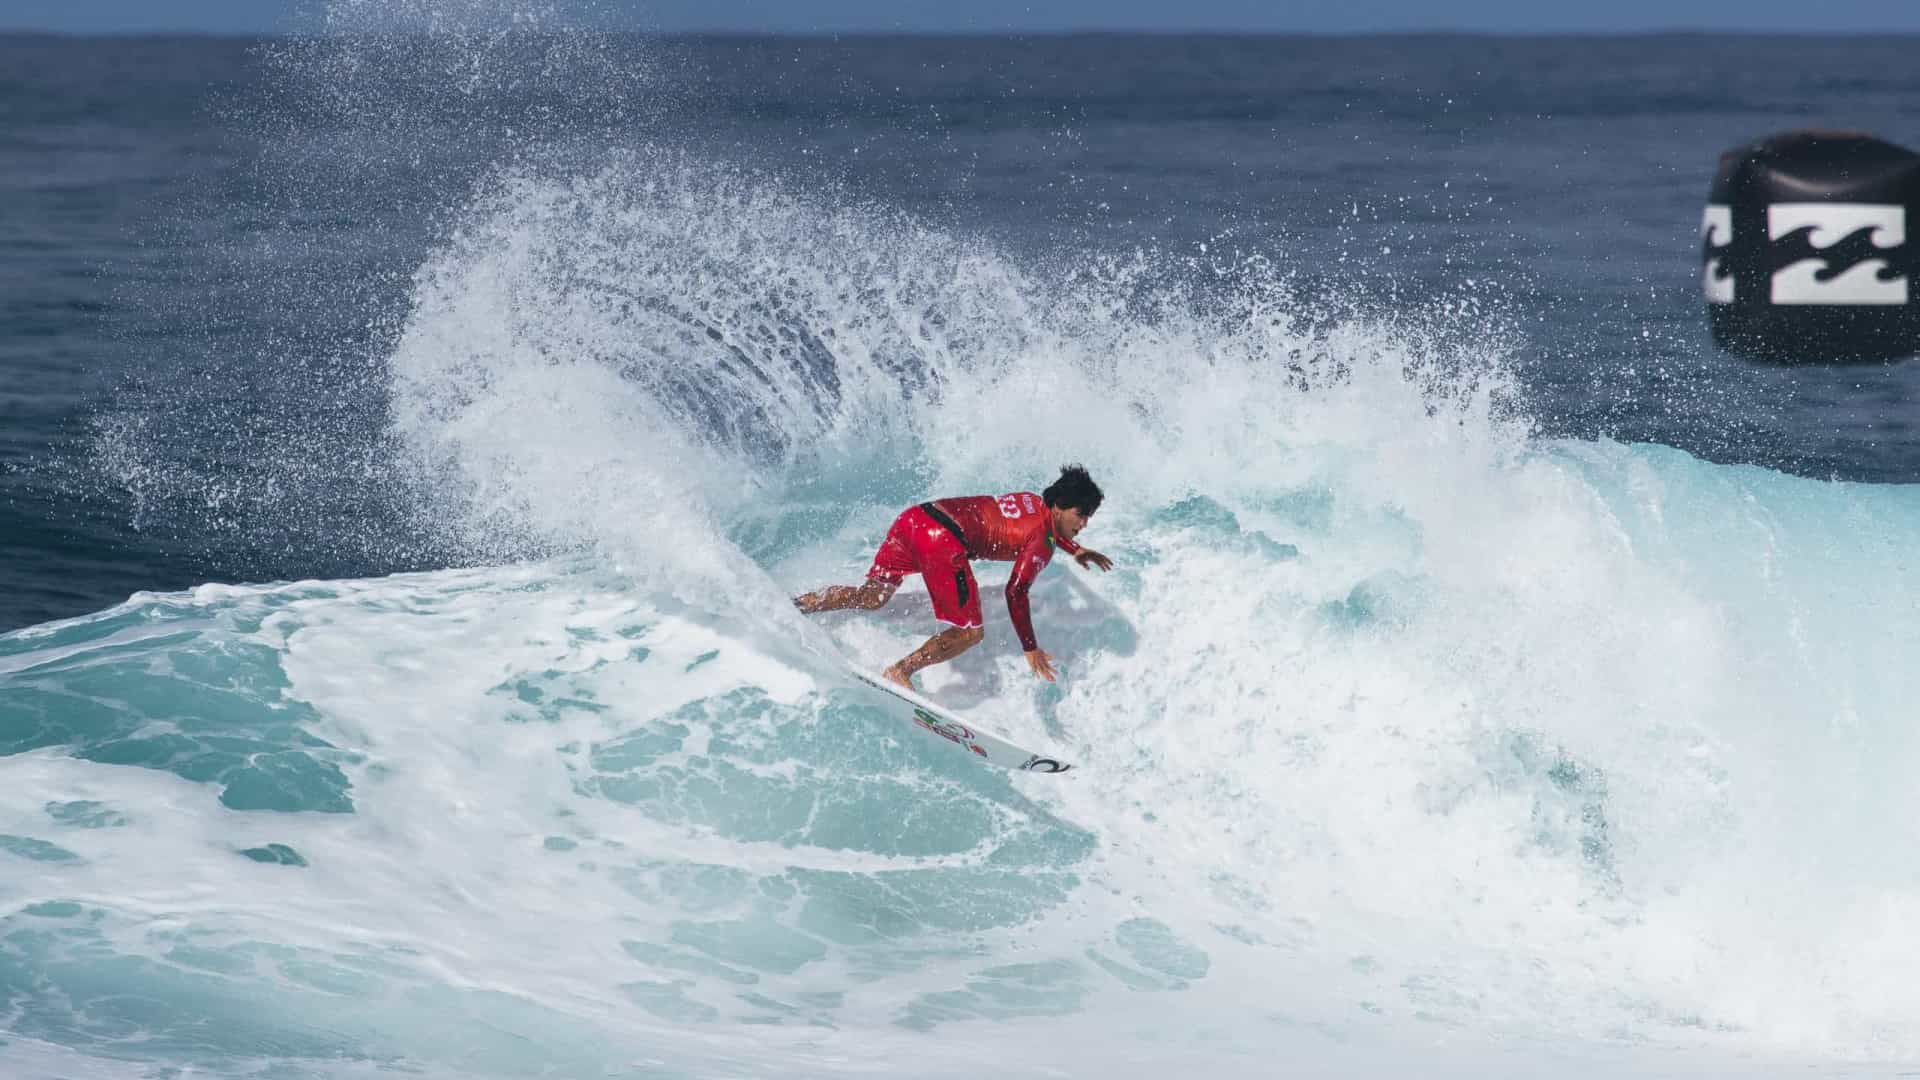 naom 5fd204033e6ab 1 - Brasil segue com 3 surfistas nas quartas em etapa na Austrália; Italo está fora